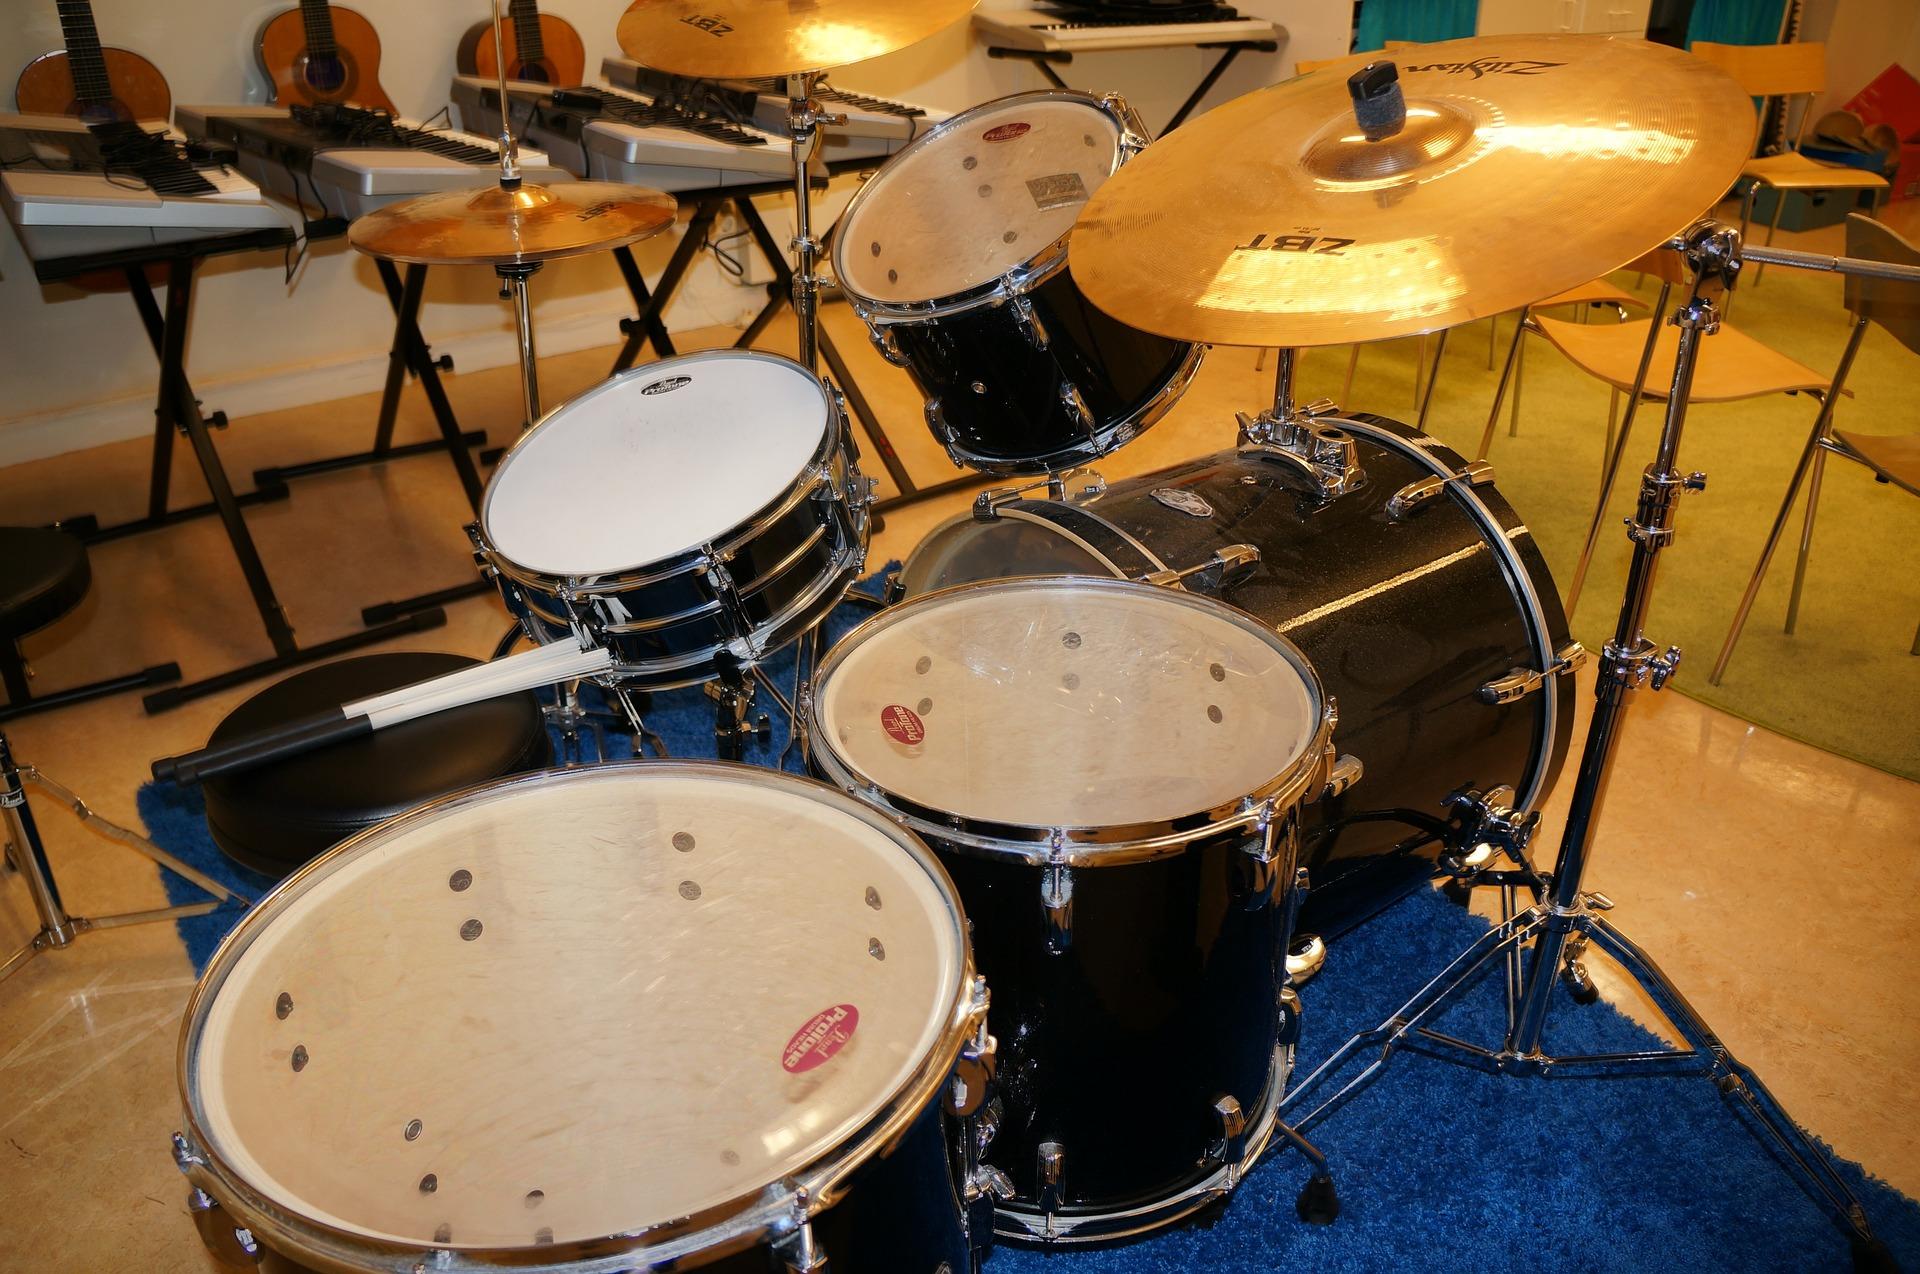 drums-659317_1920